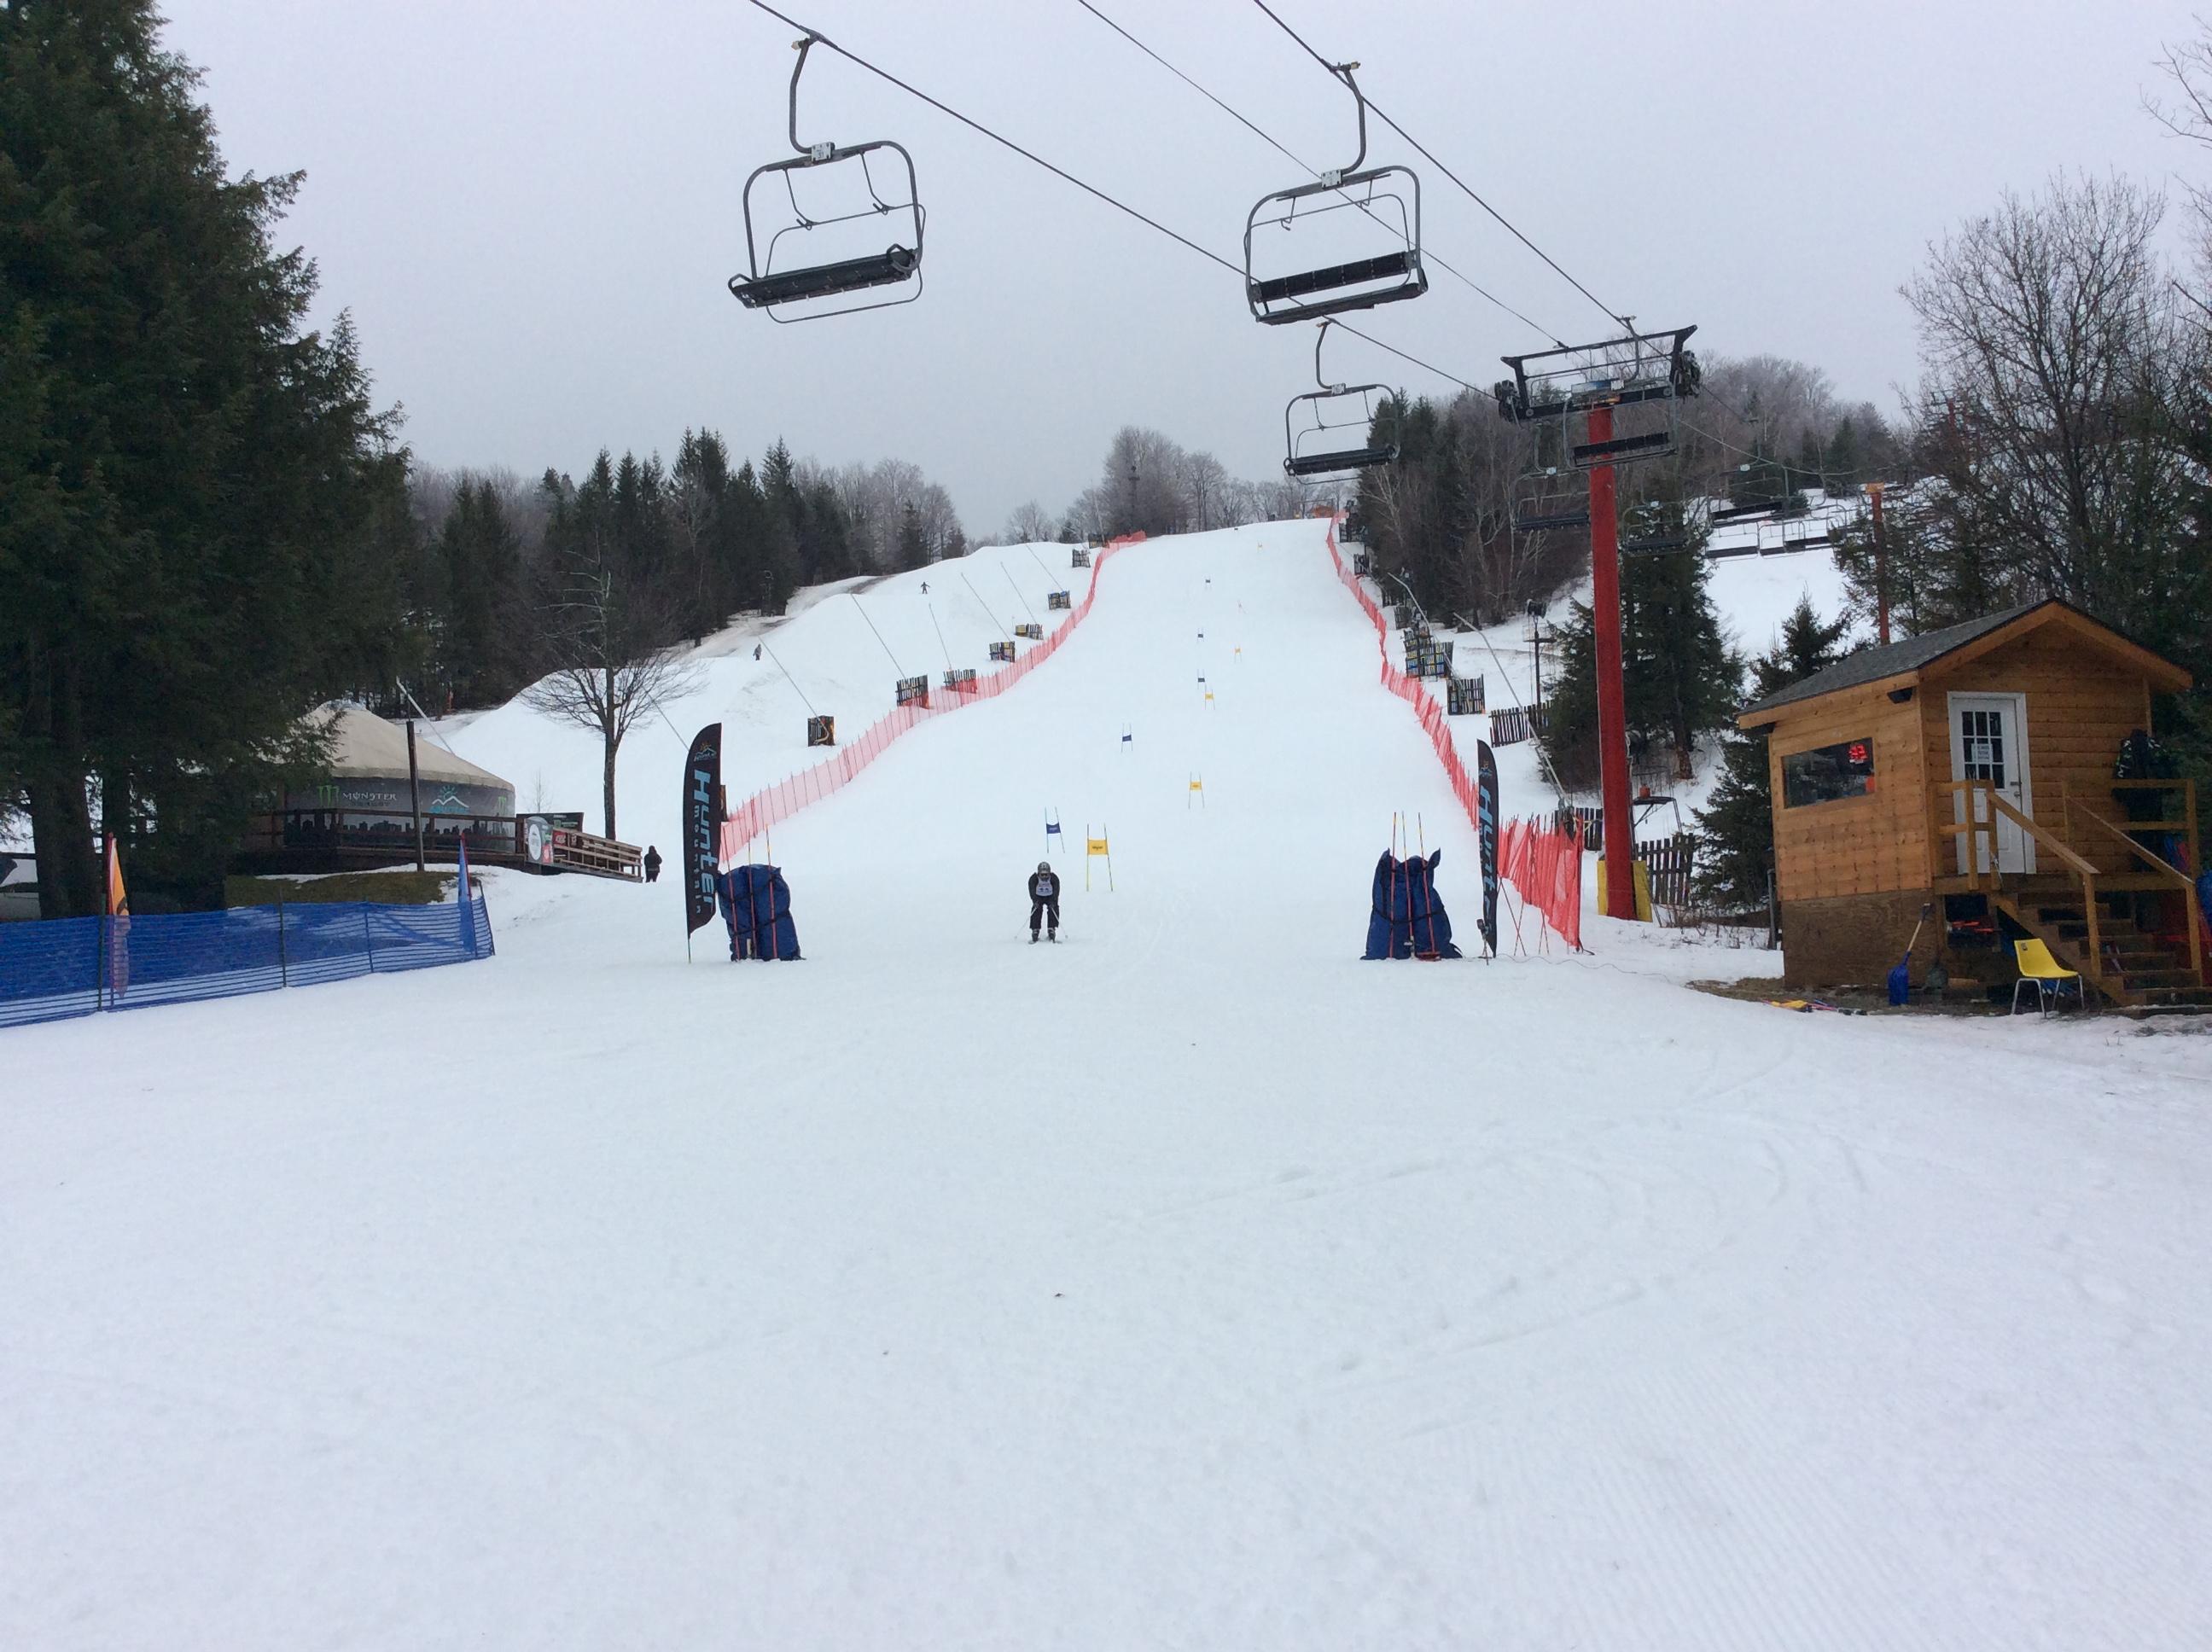 nypd-ski-club_31585125303_o